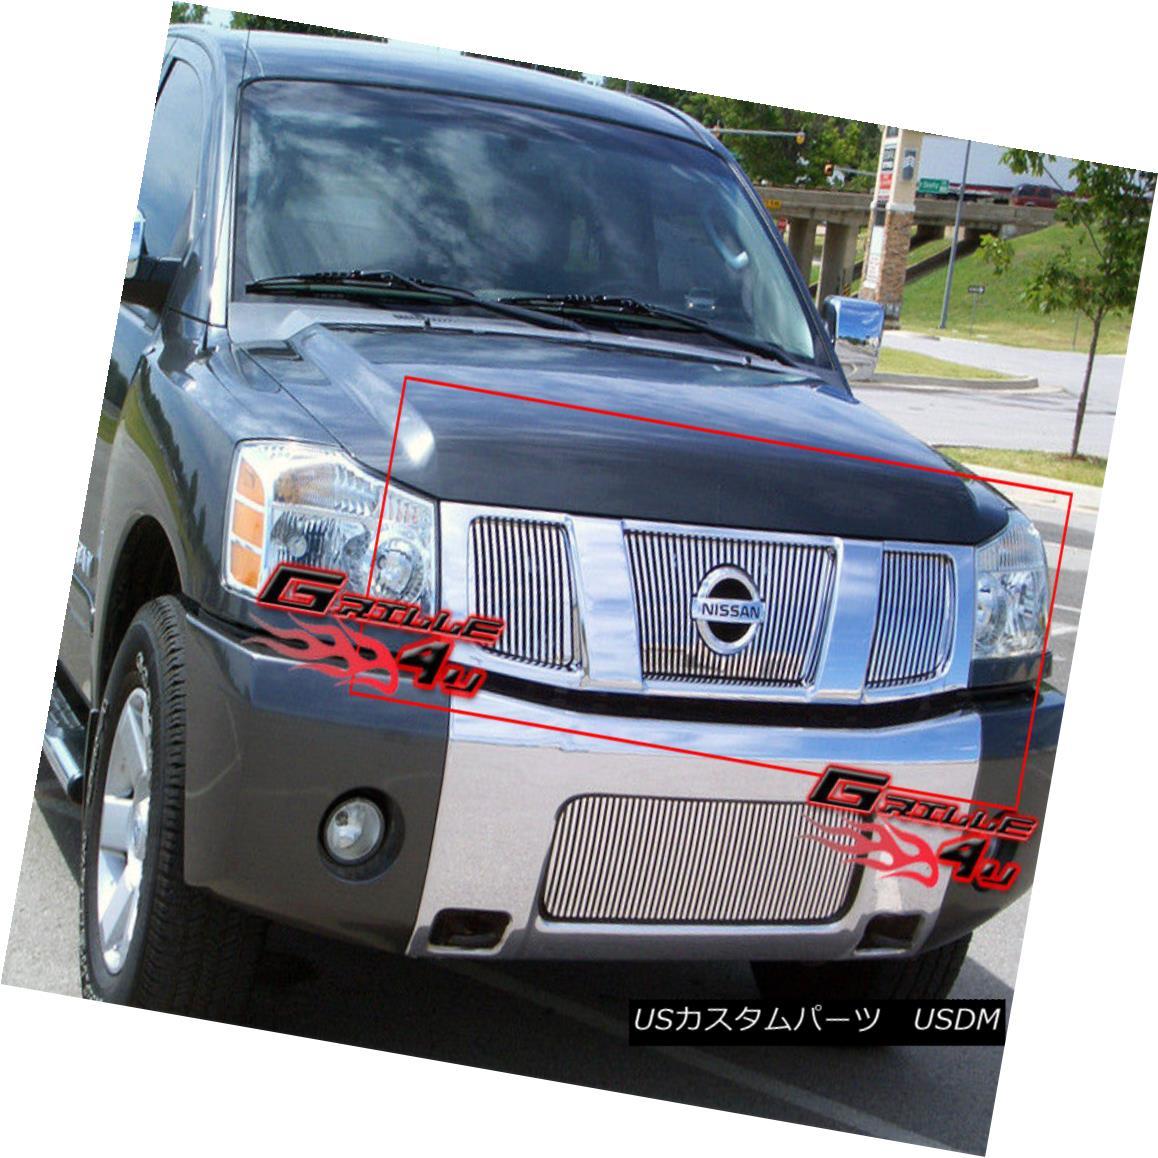 グリル Fits 2004-2007 Nissan Titan/ Armada Perimeter Grille Insert 2004-2007 Nissan Titan / Armadaペリメーターグリルインサート